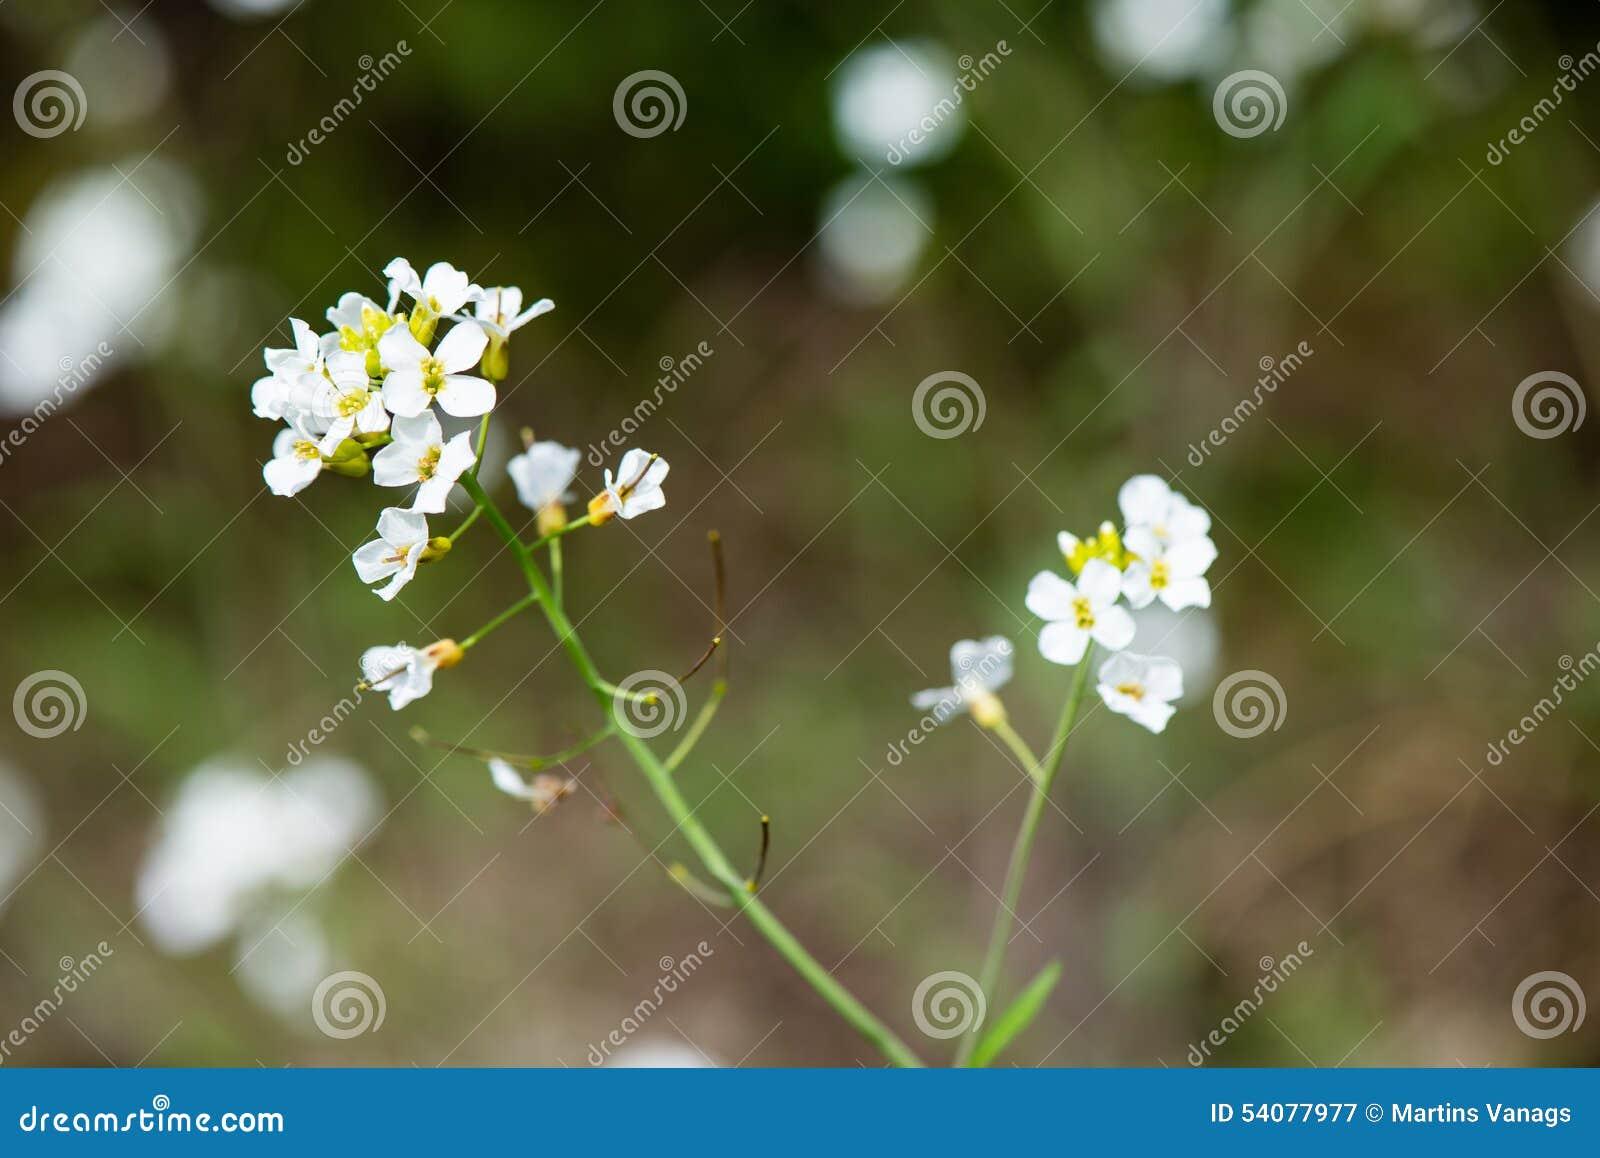 De lentebloemen op groen